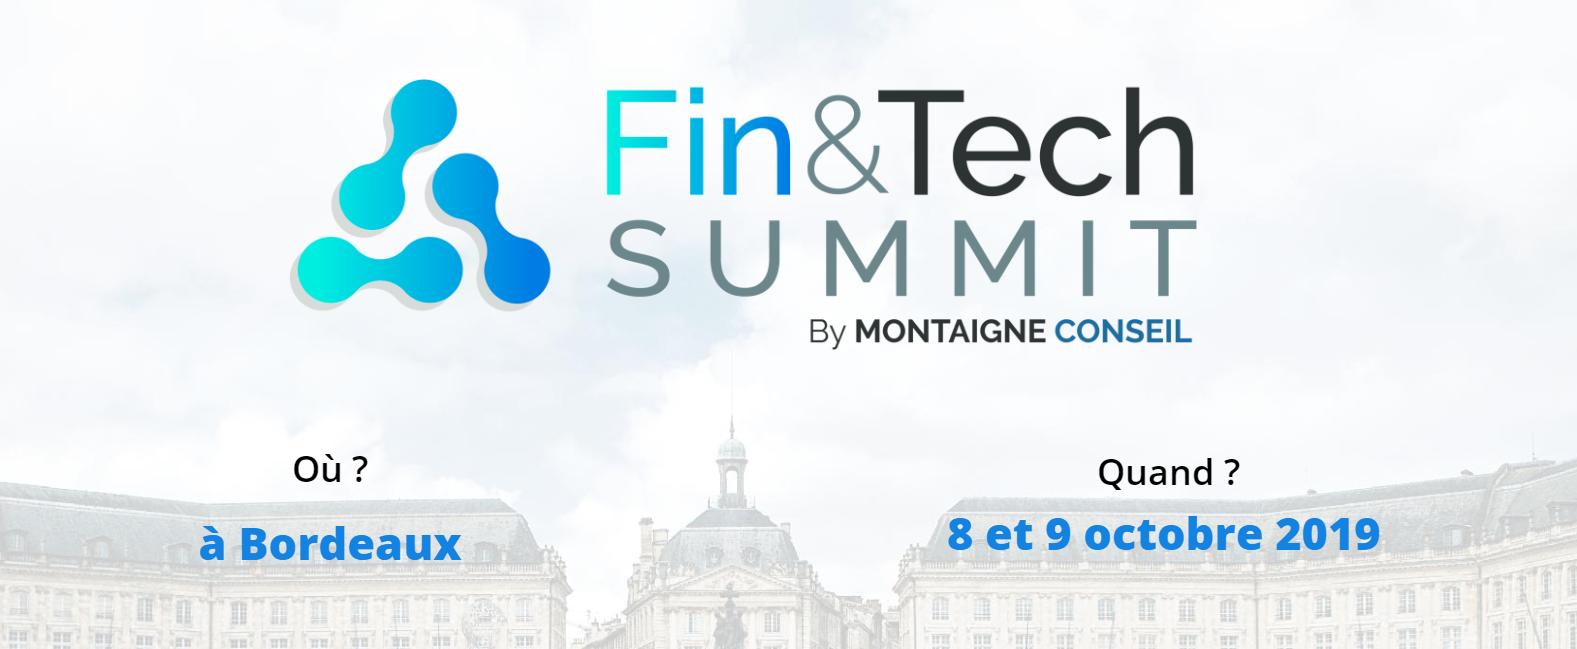 Événement fintech 2019 - Fin&Tech Summit